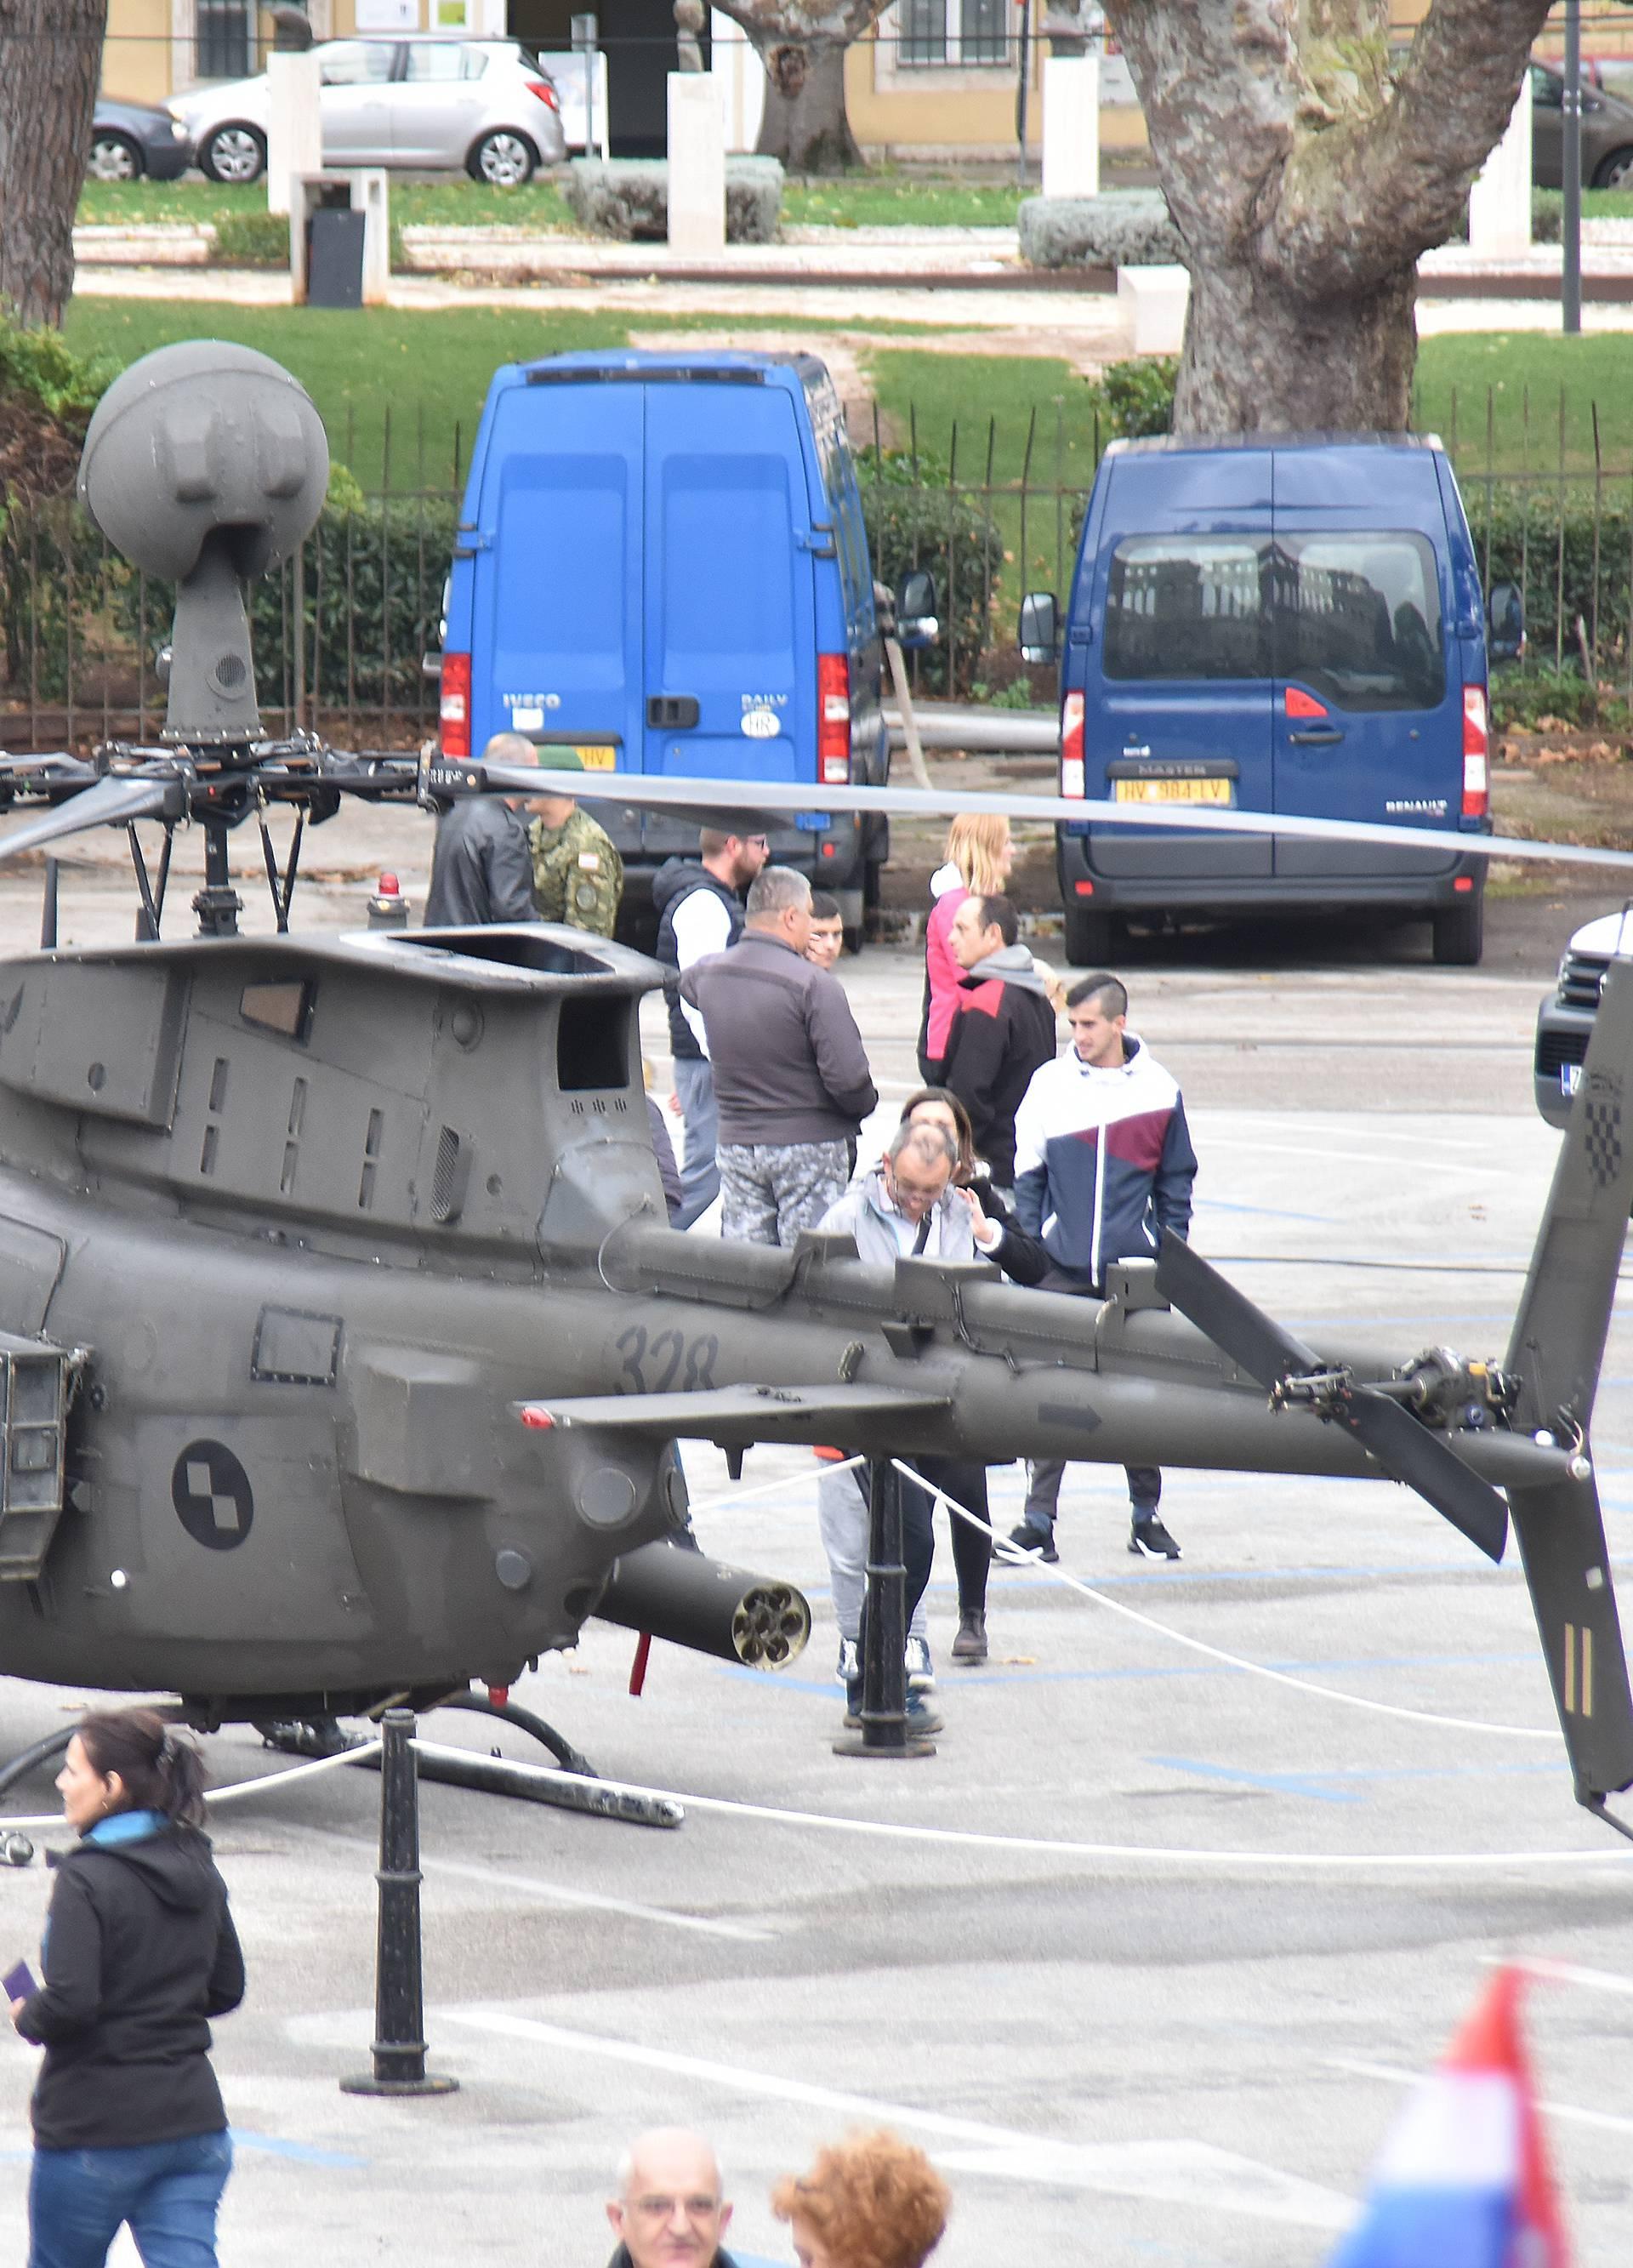 Helikopteri su nam se iz Rusije sa servisa vratili uz probleme?